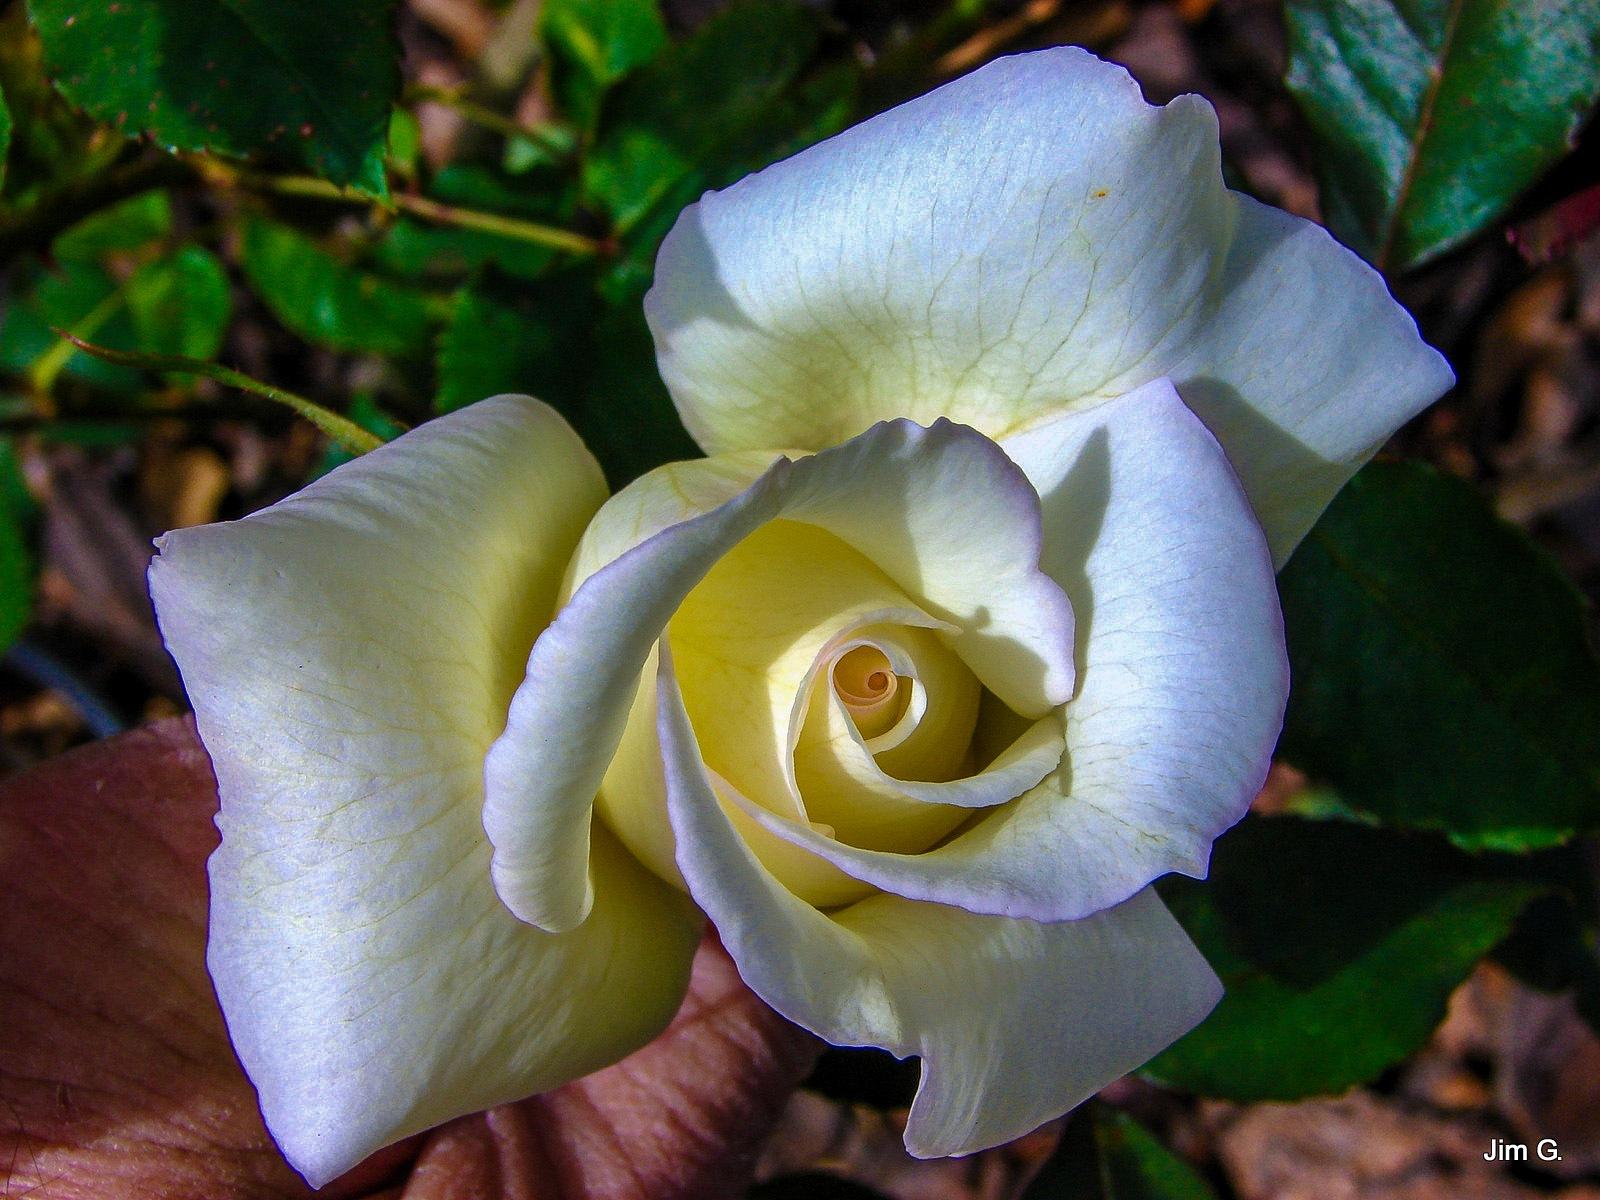 Glowing Rose taken in Friend's Garden by Jim Graham